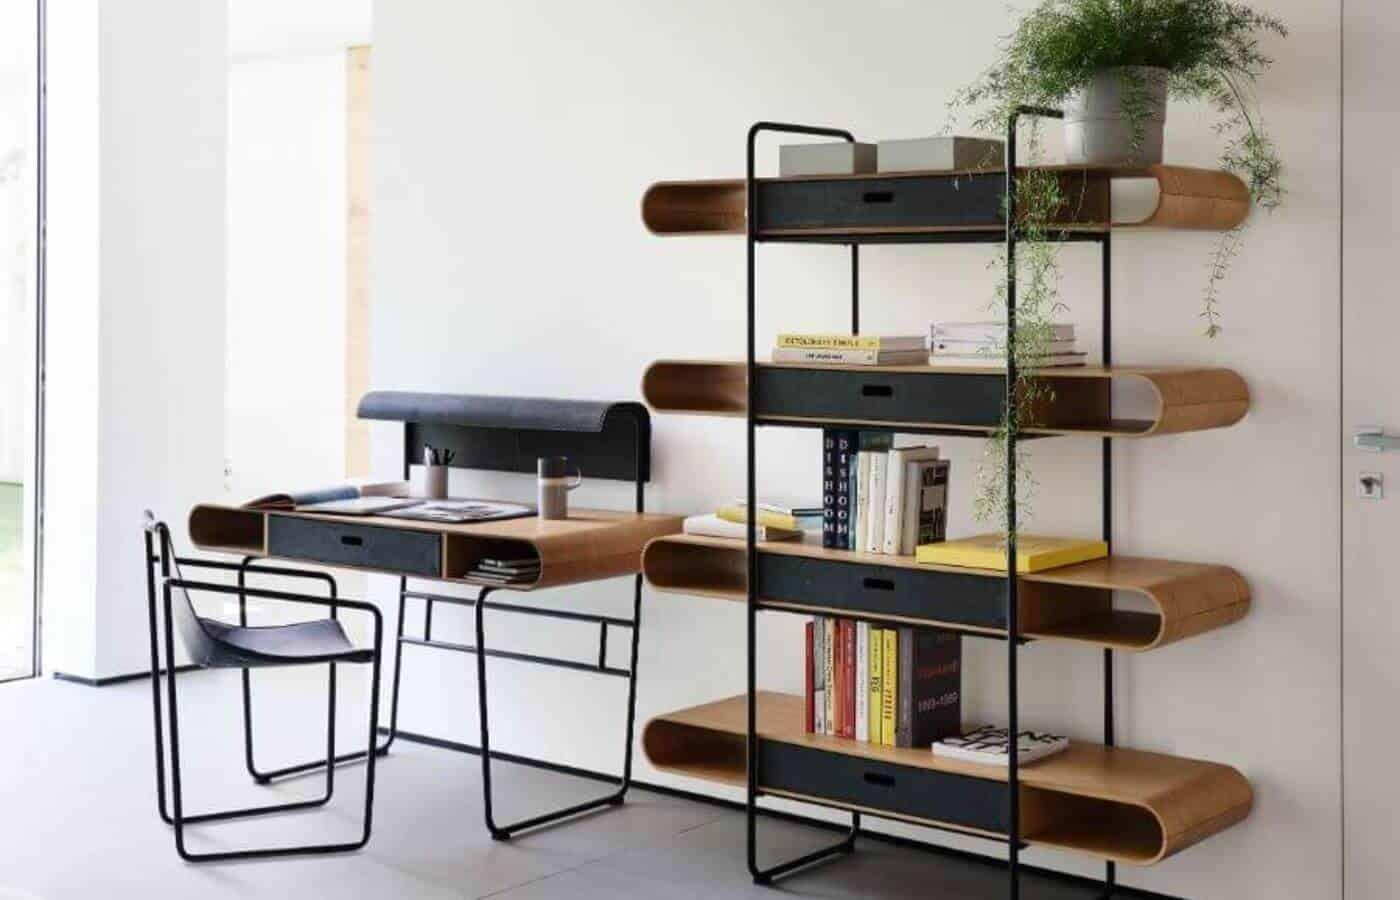 scrivania-collezione-apelle-il-mobile